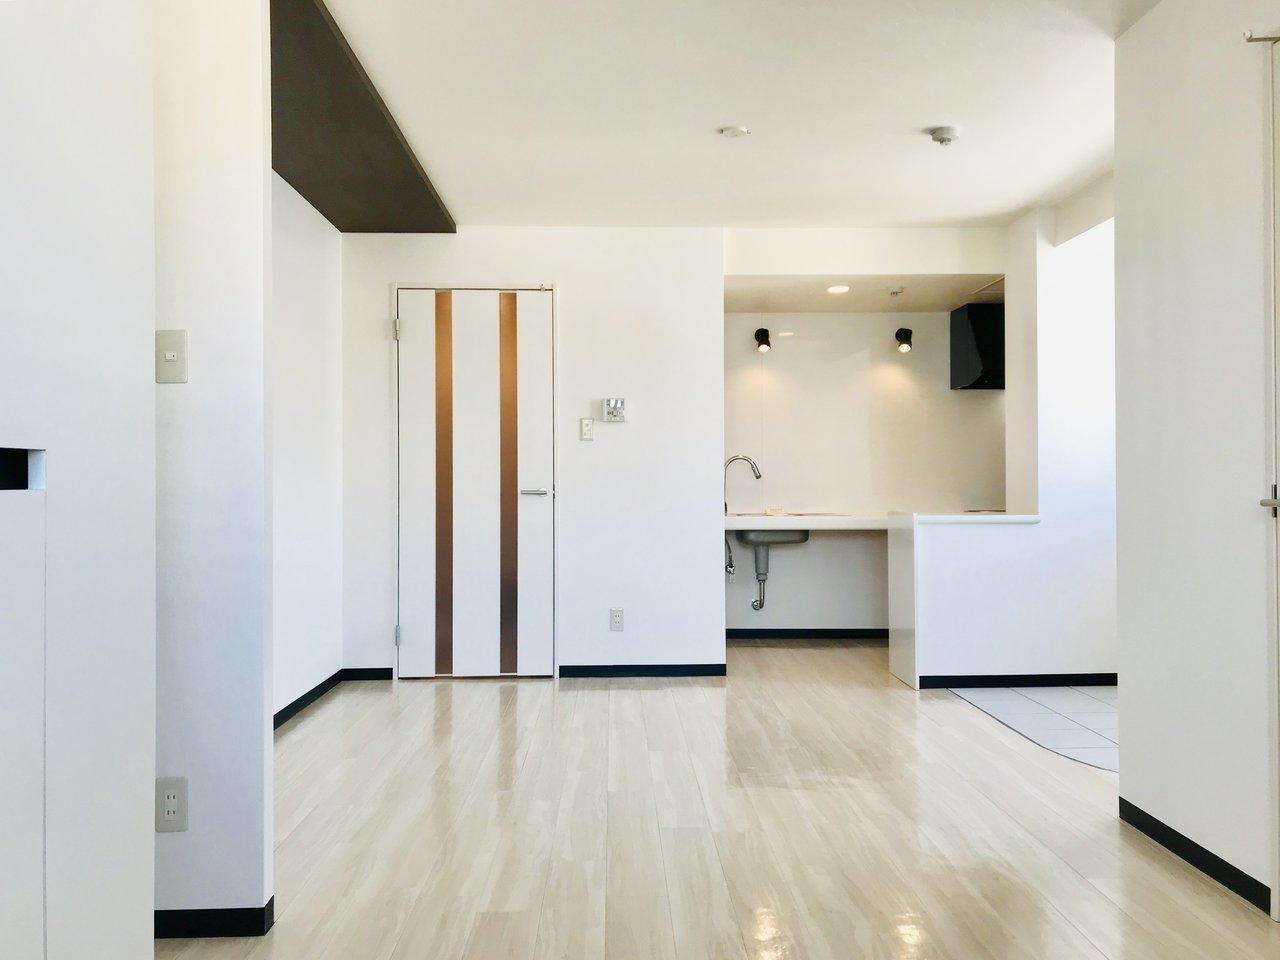 広々とした室内は、LDKが8畳、洋室5.3畳が連なった間取りになっています。奥に見えるキッチンは収納スペースこそありませんが、シンプルな造りで、掃除のしやすいIHコンロもついています。